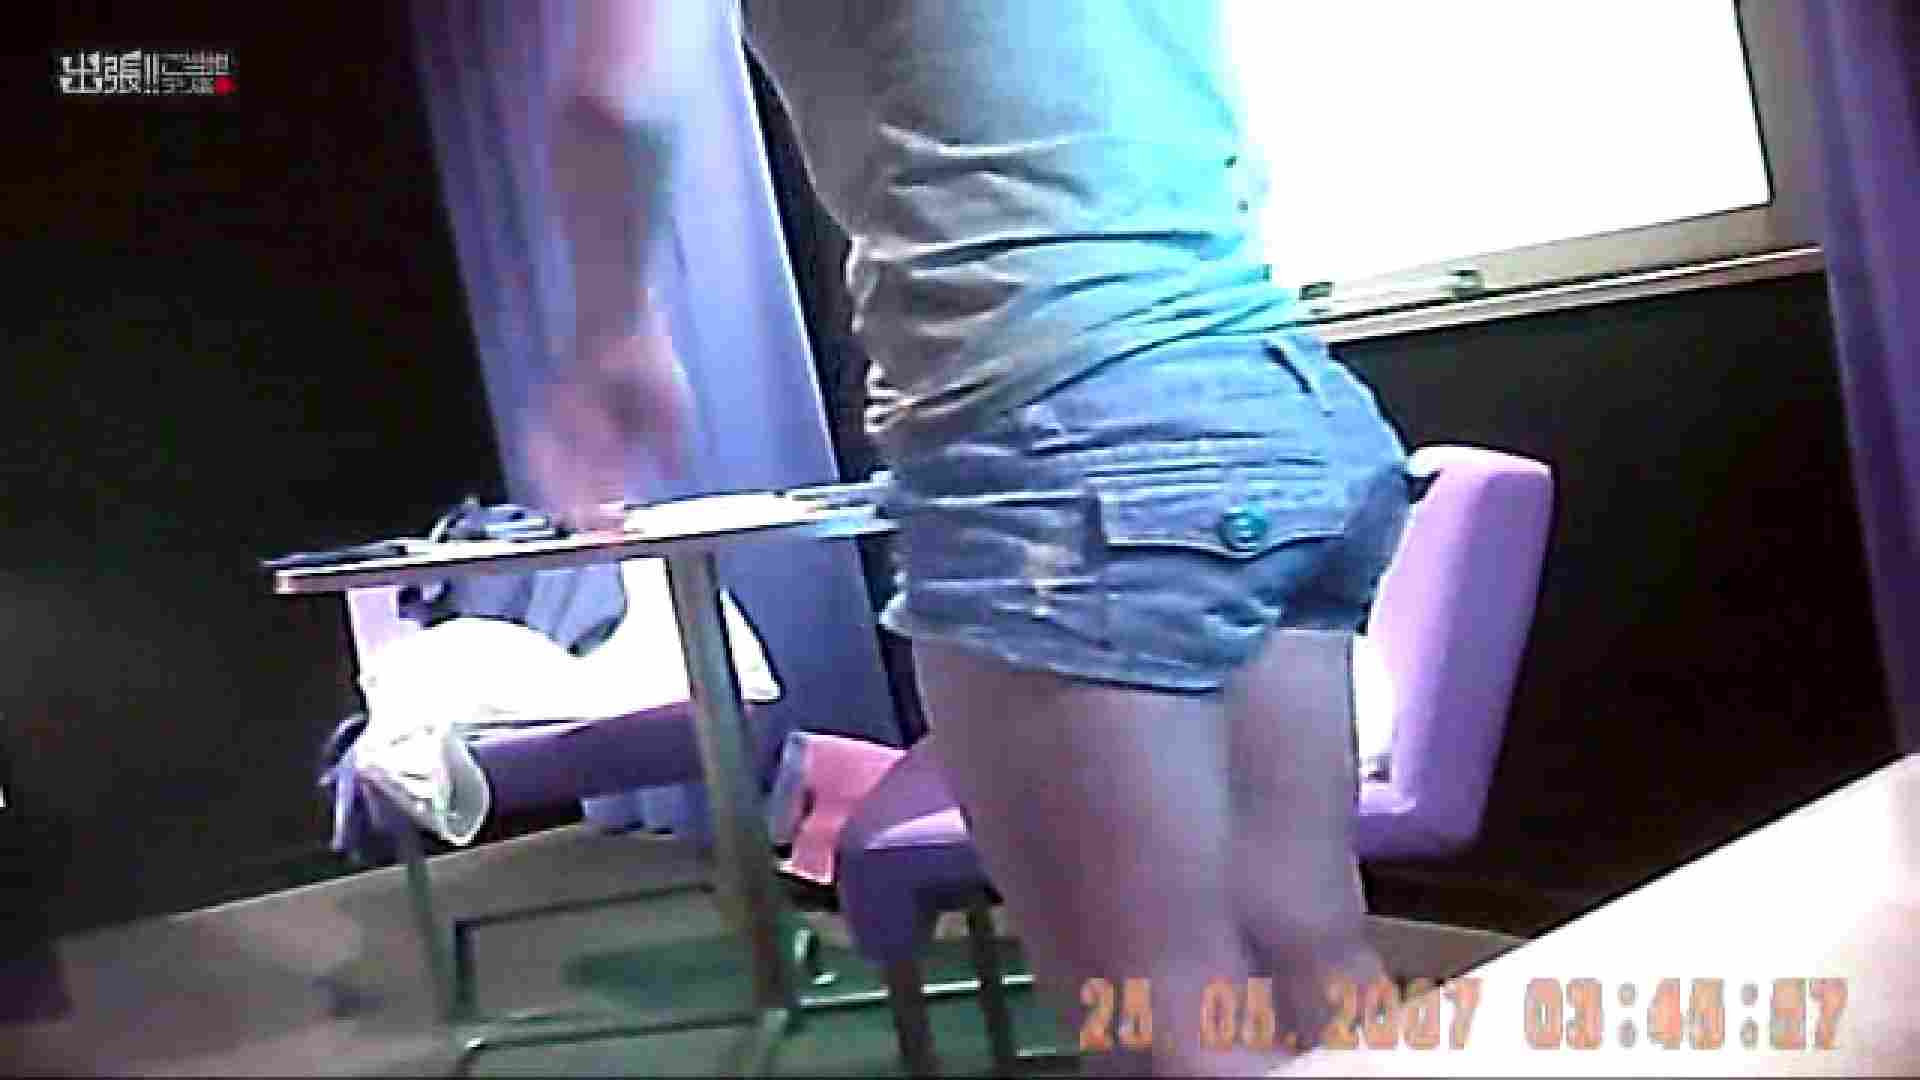 出張リーマンのデリ嬢隠し撮り第3弾vol.5 エッチな女子大生 セックス無修正動画無料 82pic 68